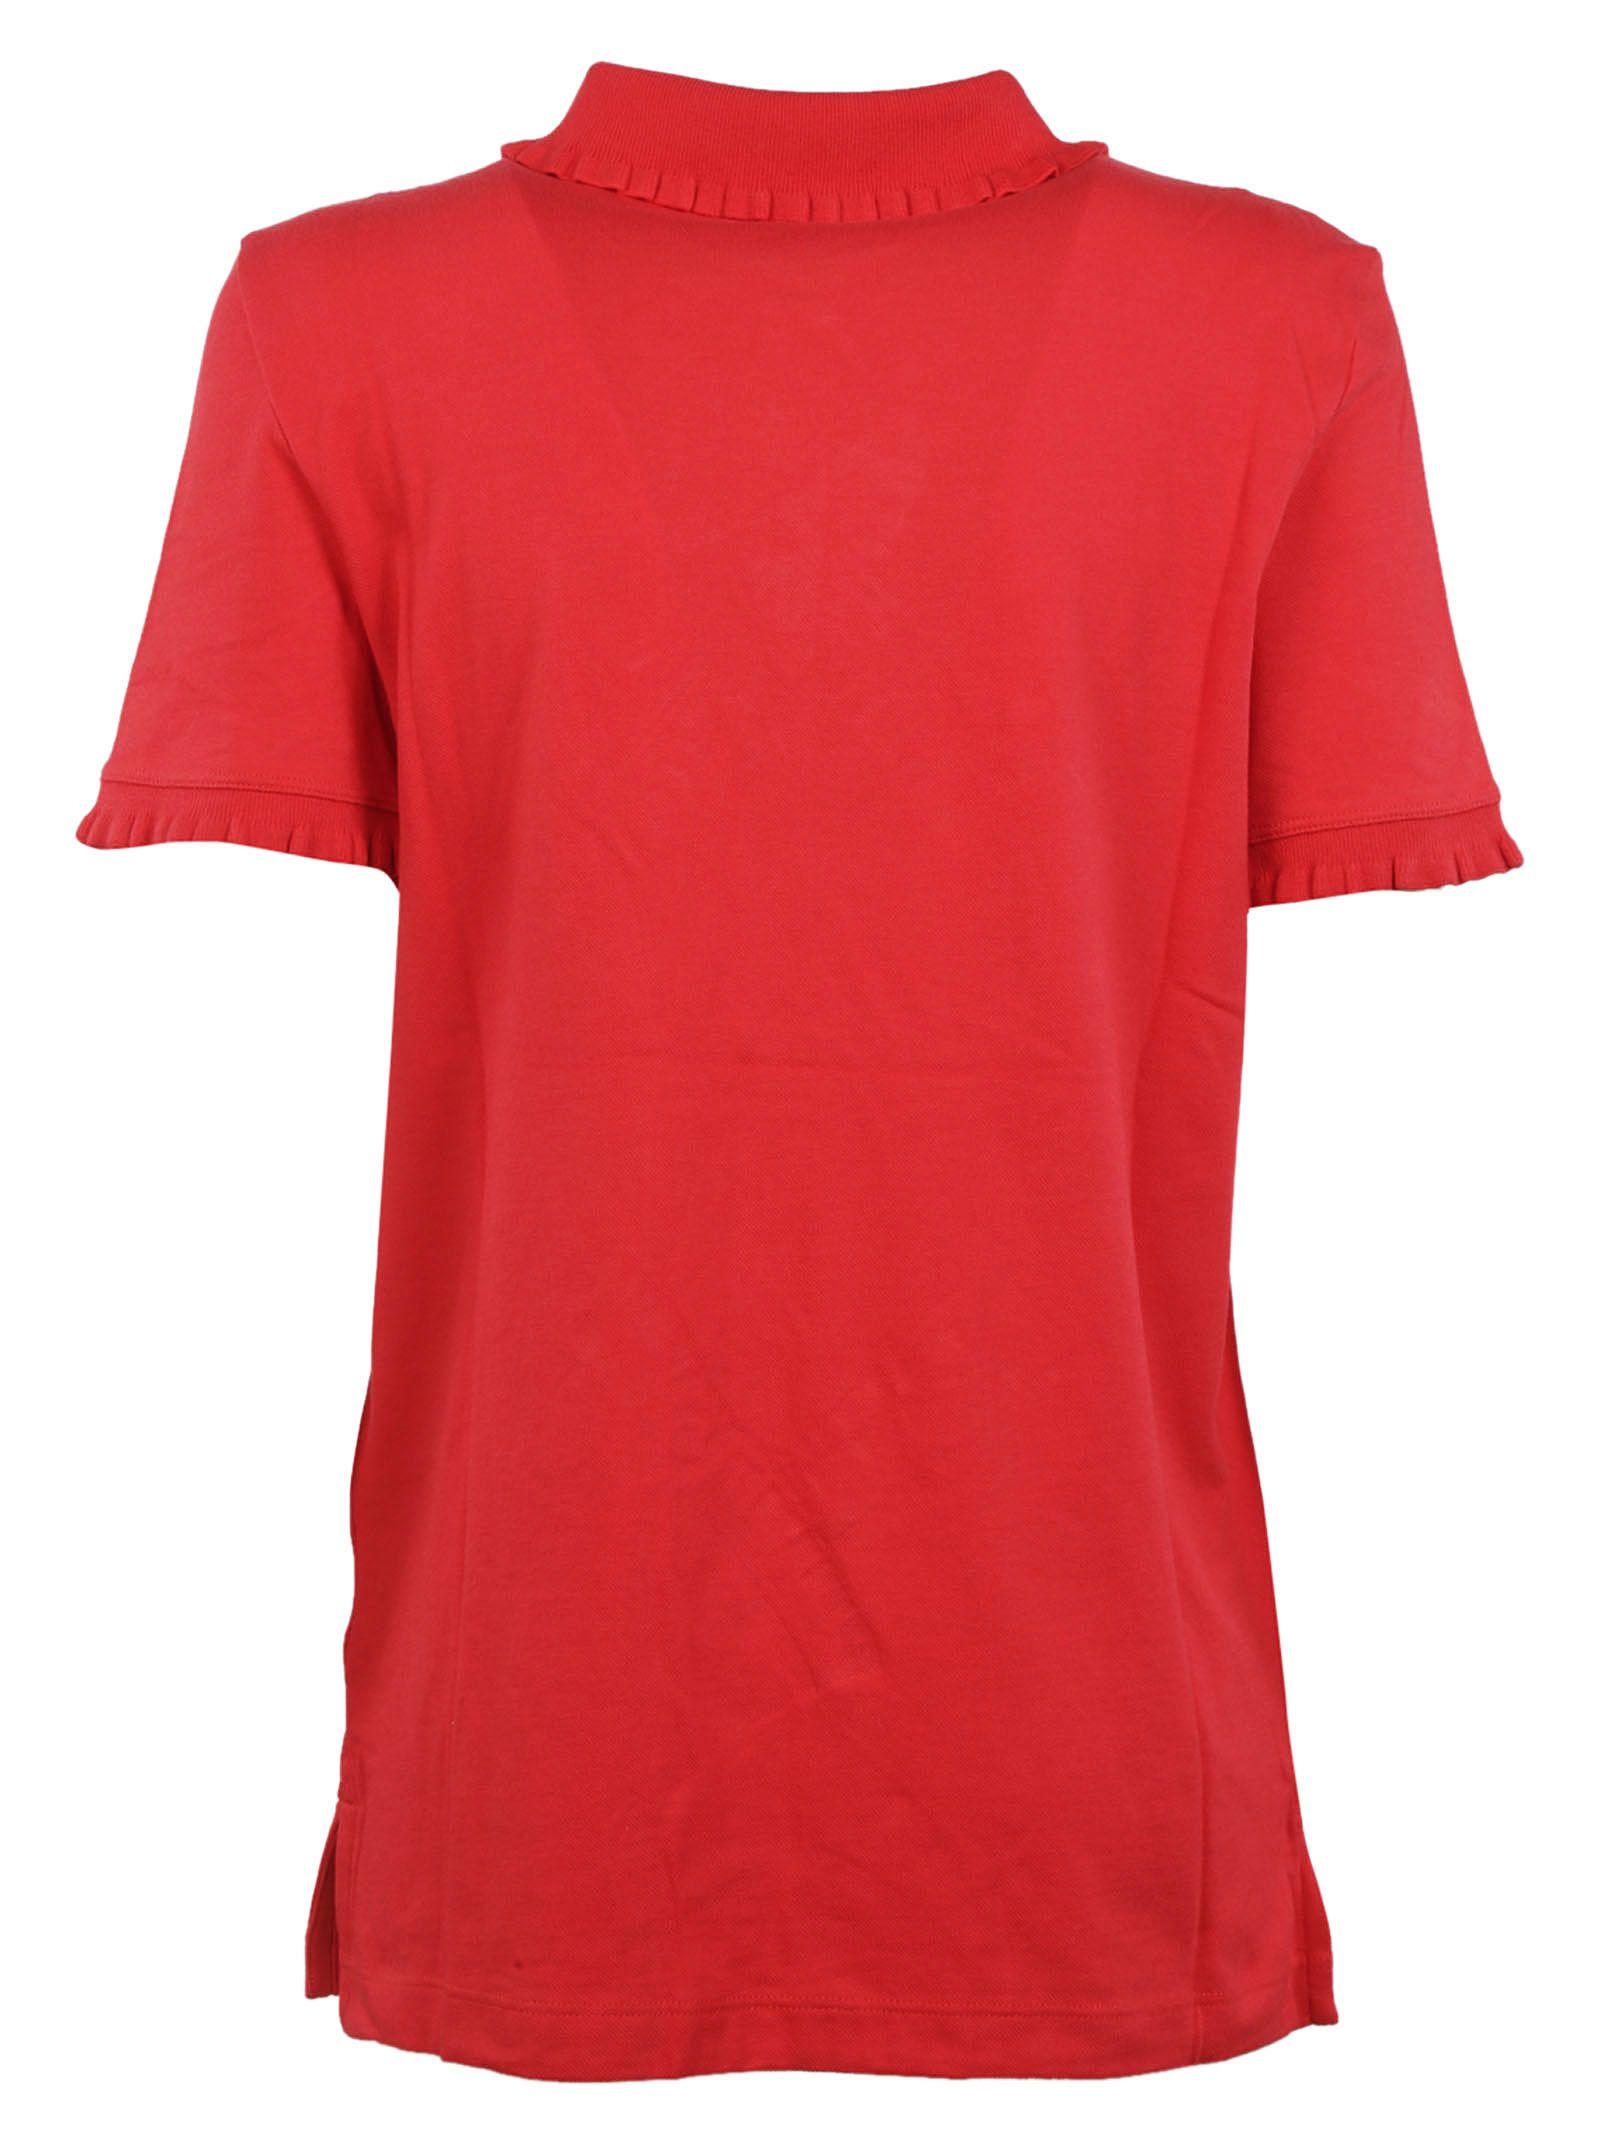 Tory Burch Tory Burch Ruffled Polo Shirt Red Women 39 S